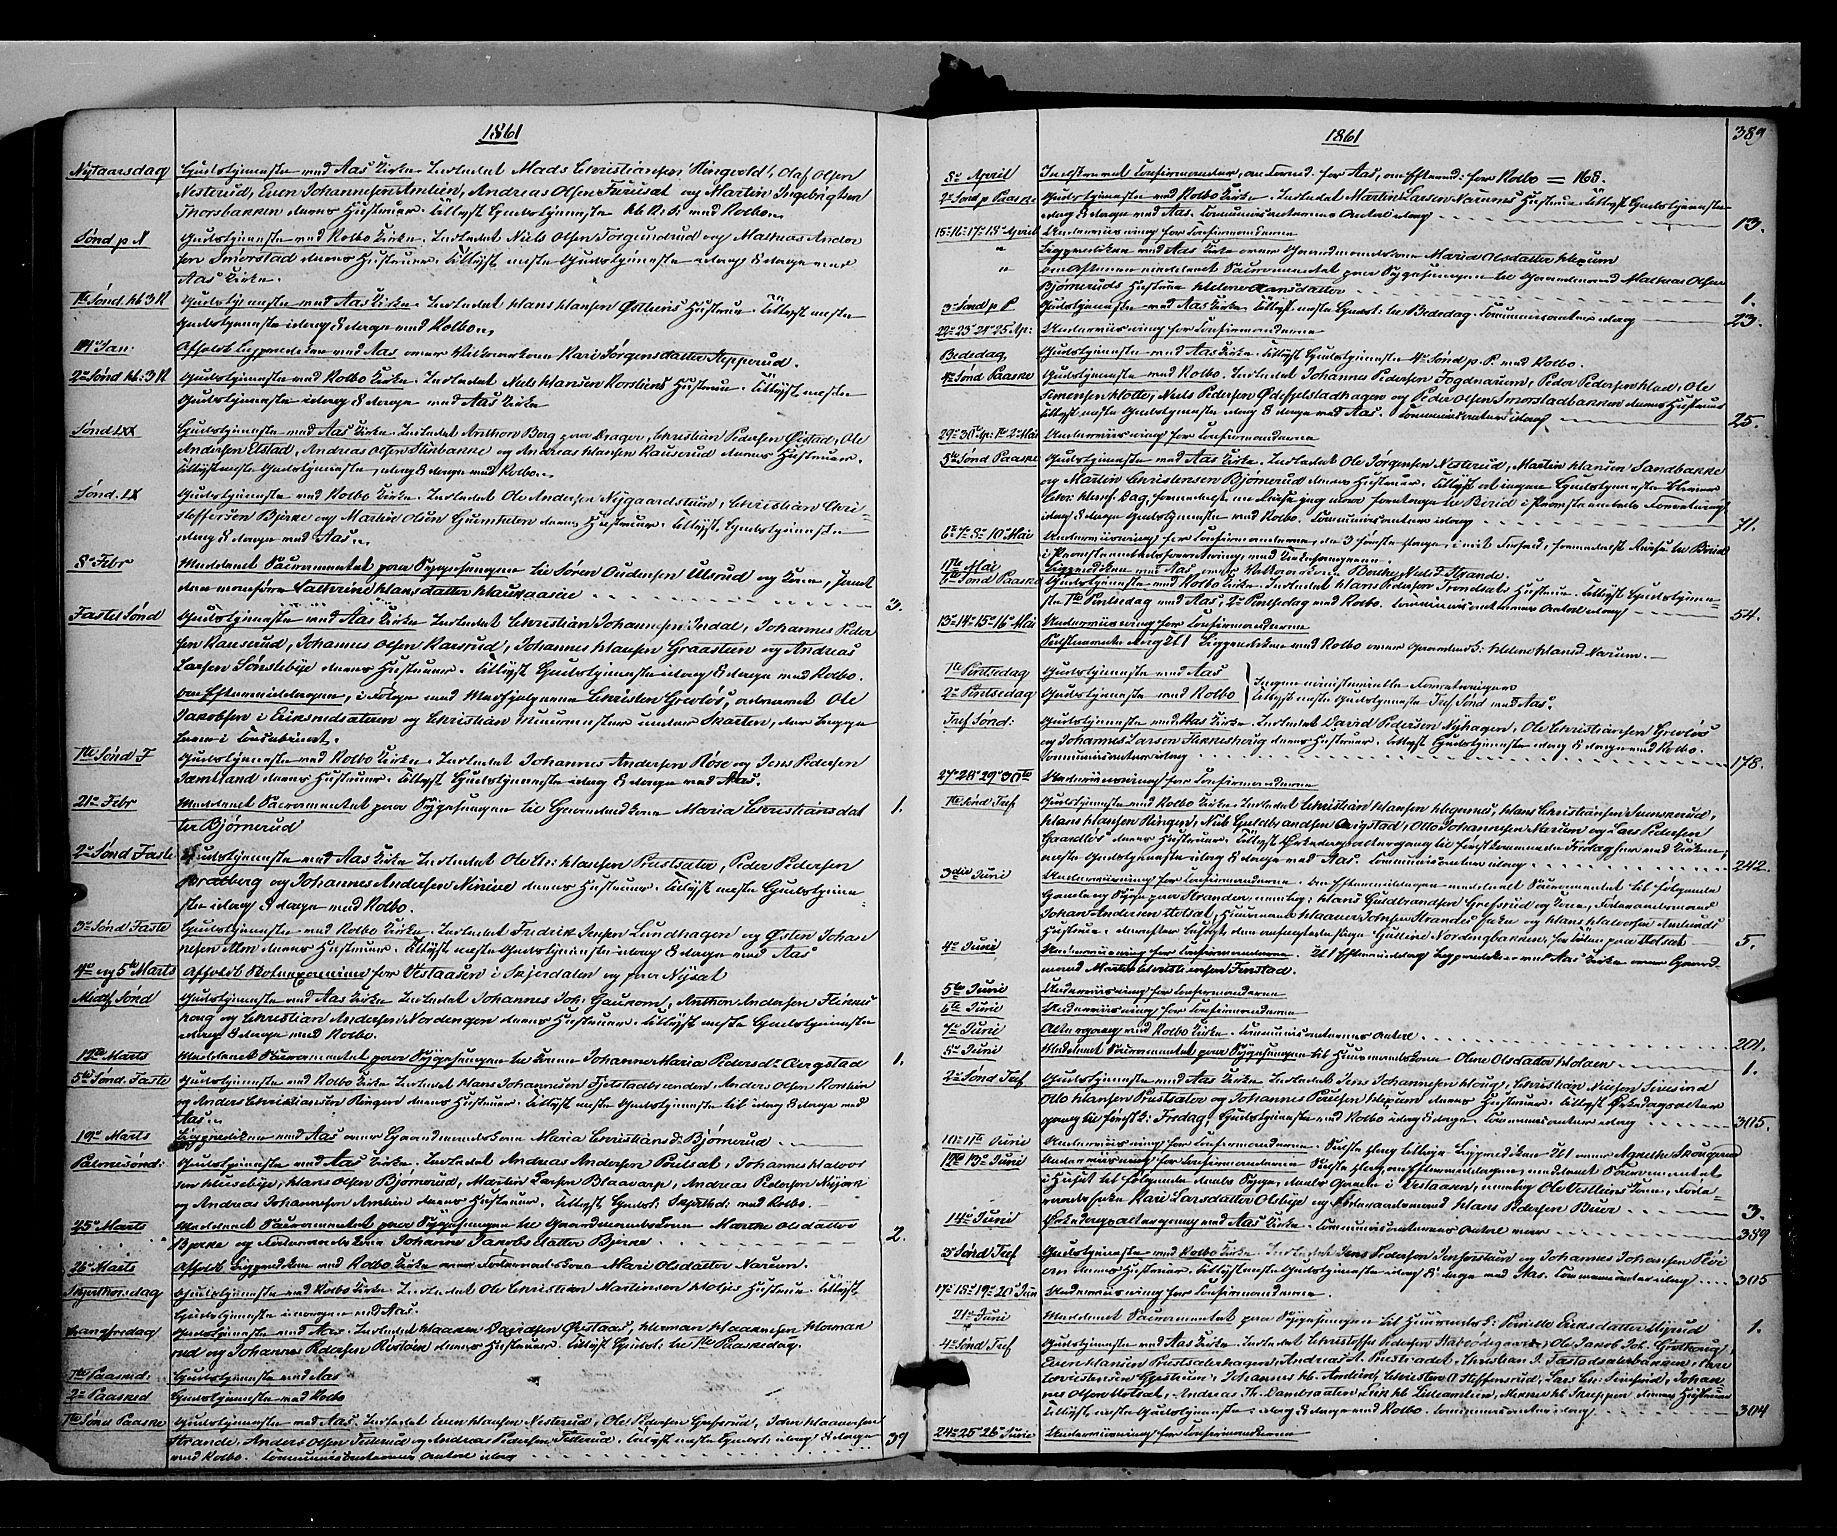 SAH, Vestre Toten prestekontor, Ministerialbok nr. 6, 1856-1861, s. 389